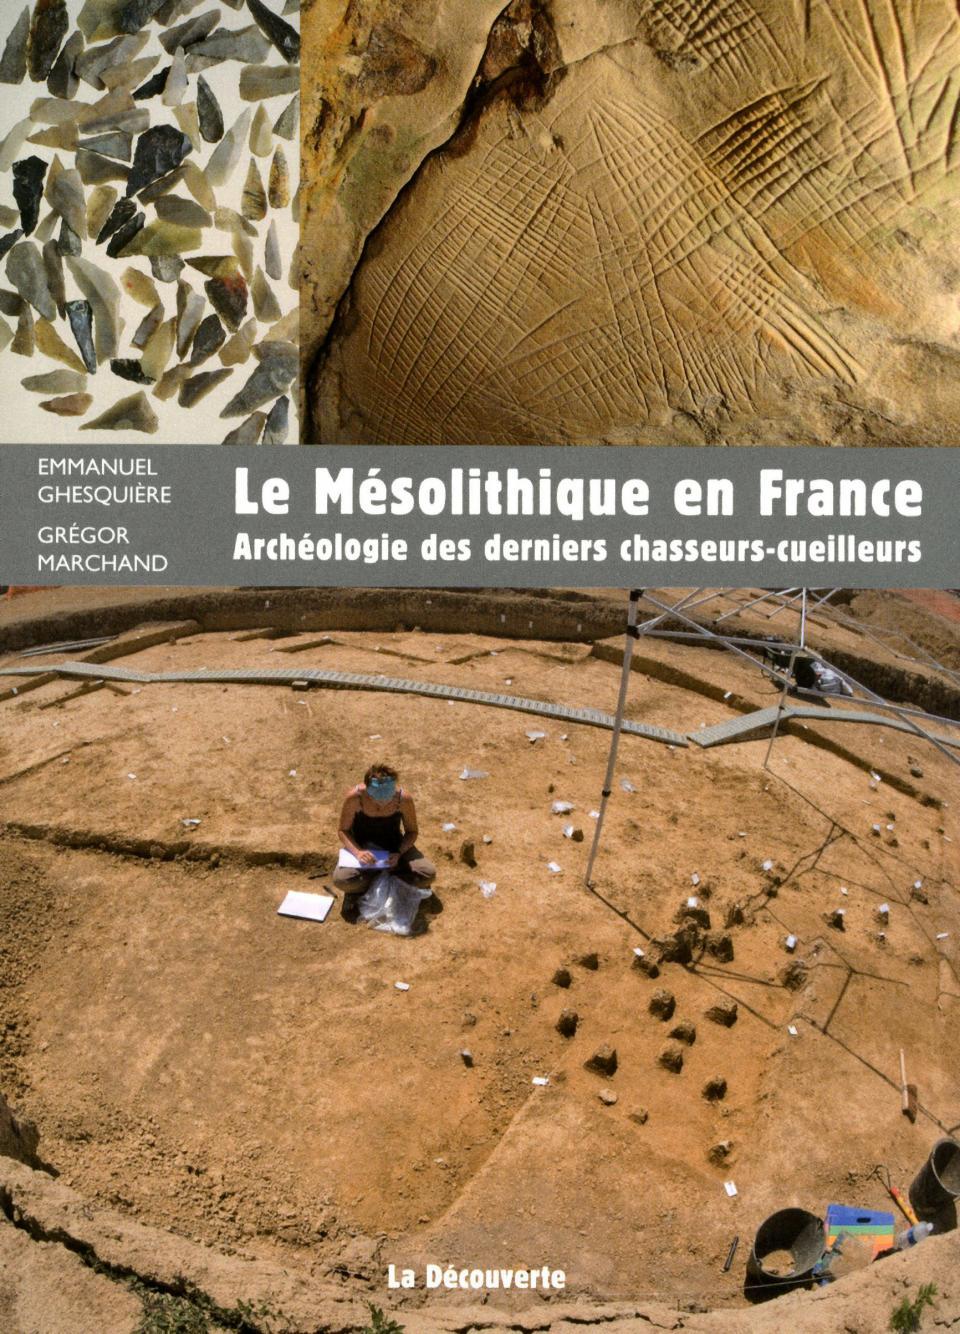 Le Mésolithique en France. Archéologie des derniers chasseurs-cueilleurs